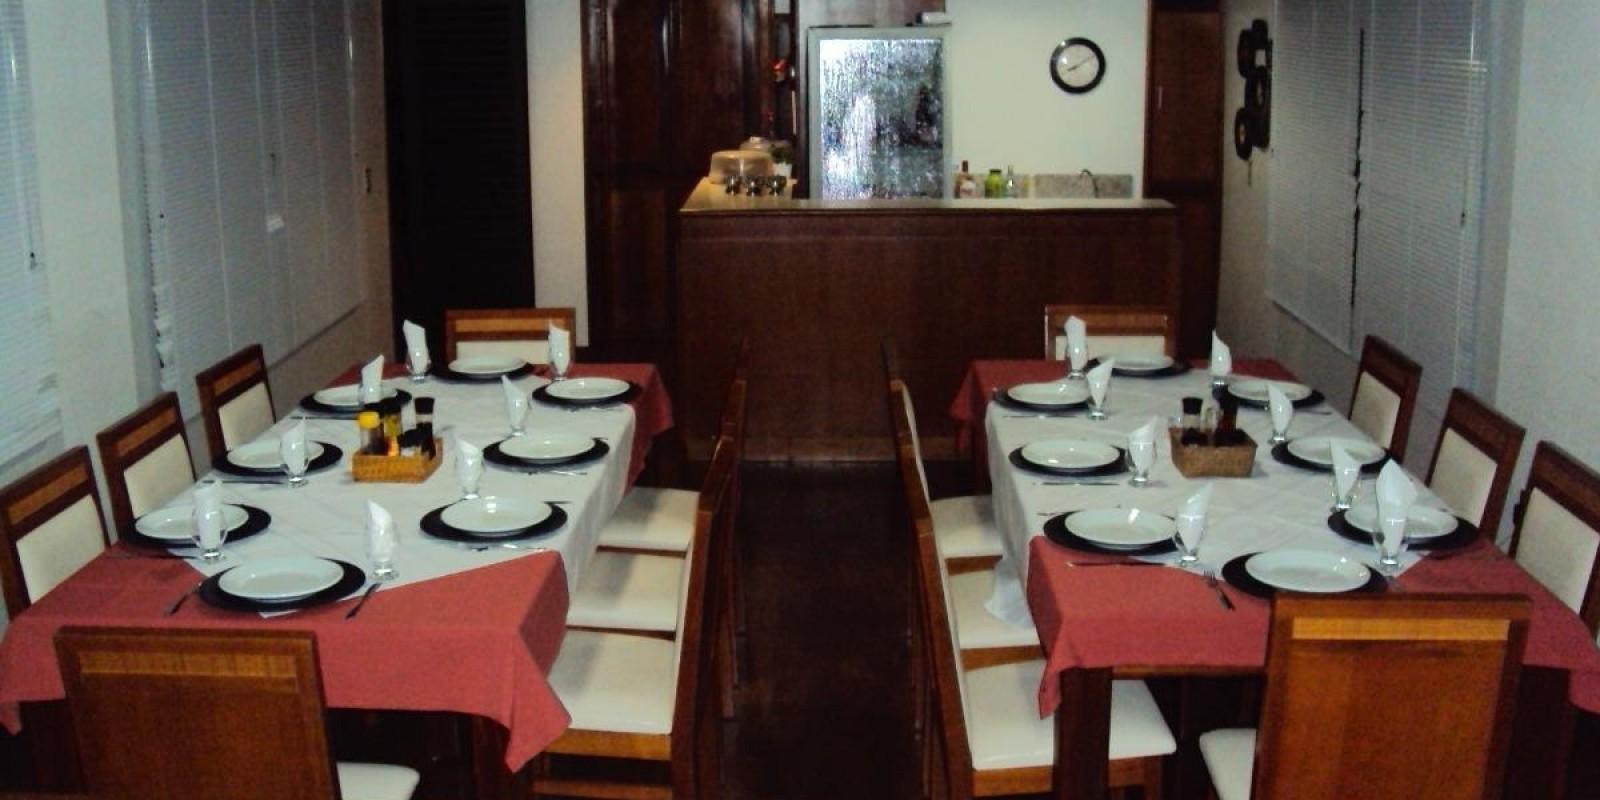 Barco Xaraies - Porto Murtinho - 16 pessoas - Foto 6 de 14